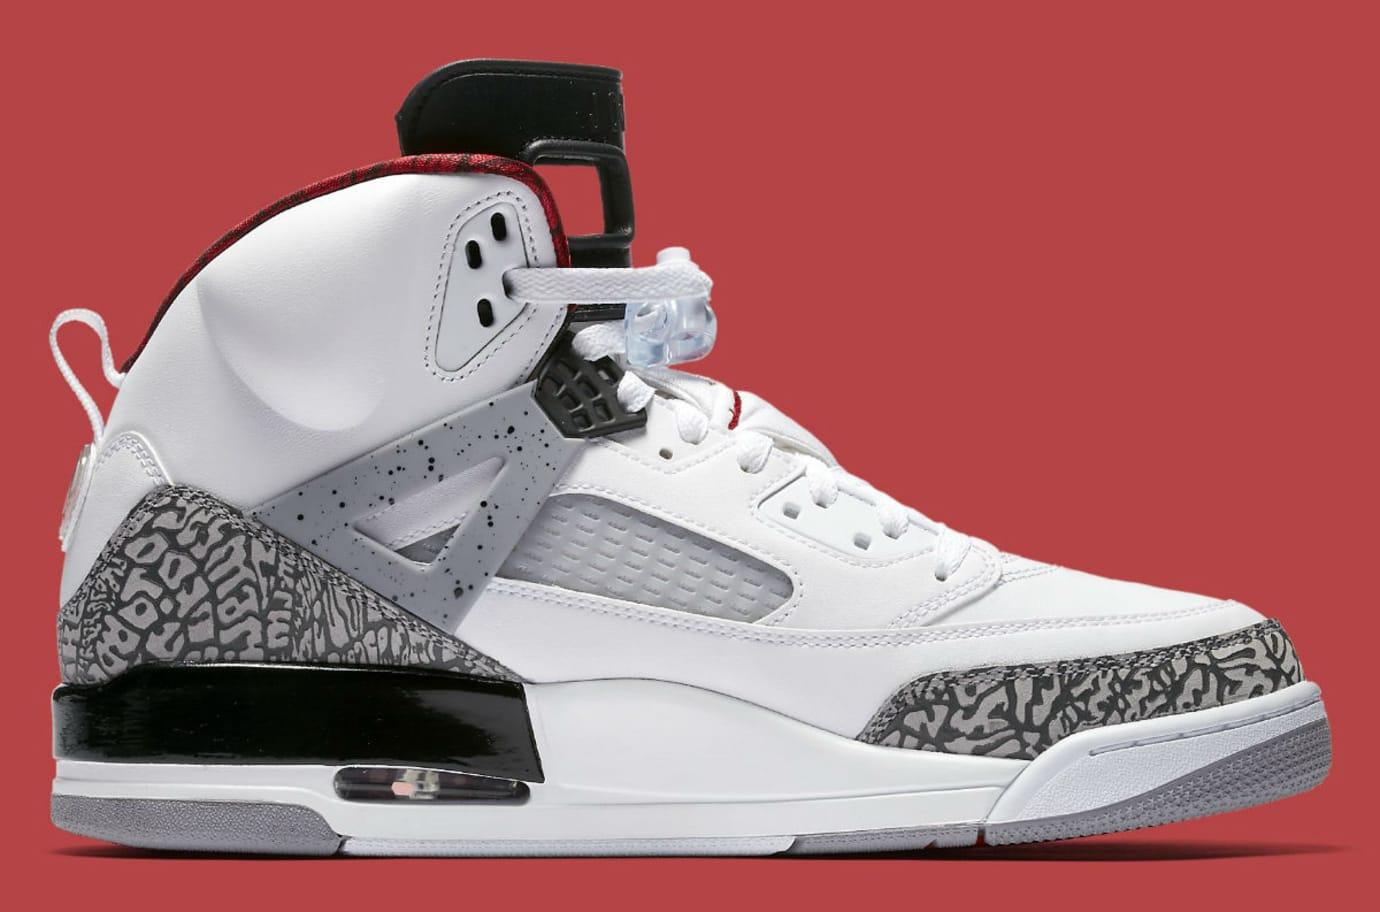 best sneakers 99b63 46d70 Jordan Spizike White Cement 2017 Release Date Medial 315371-122